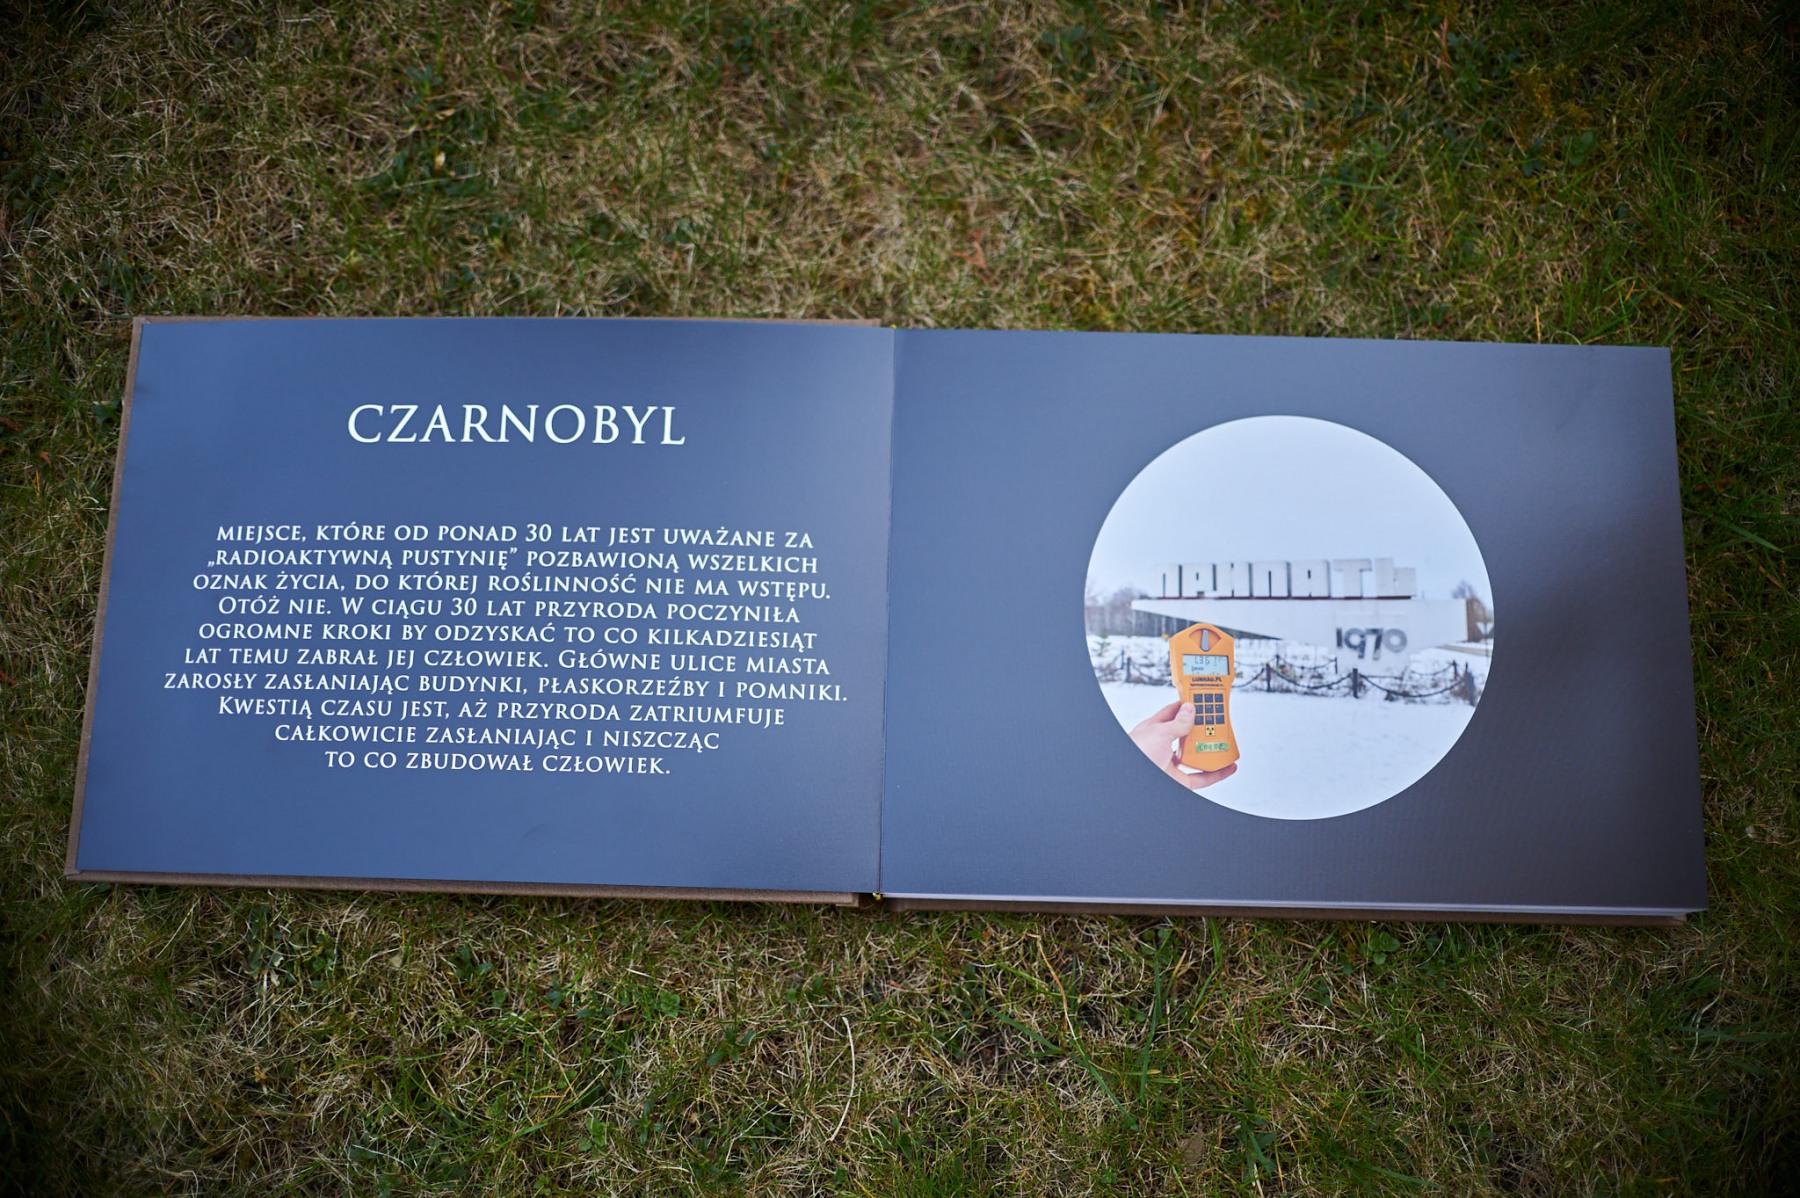 Czarnobylski_003